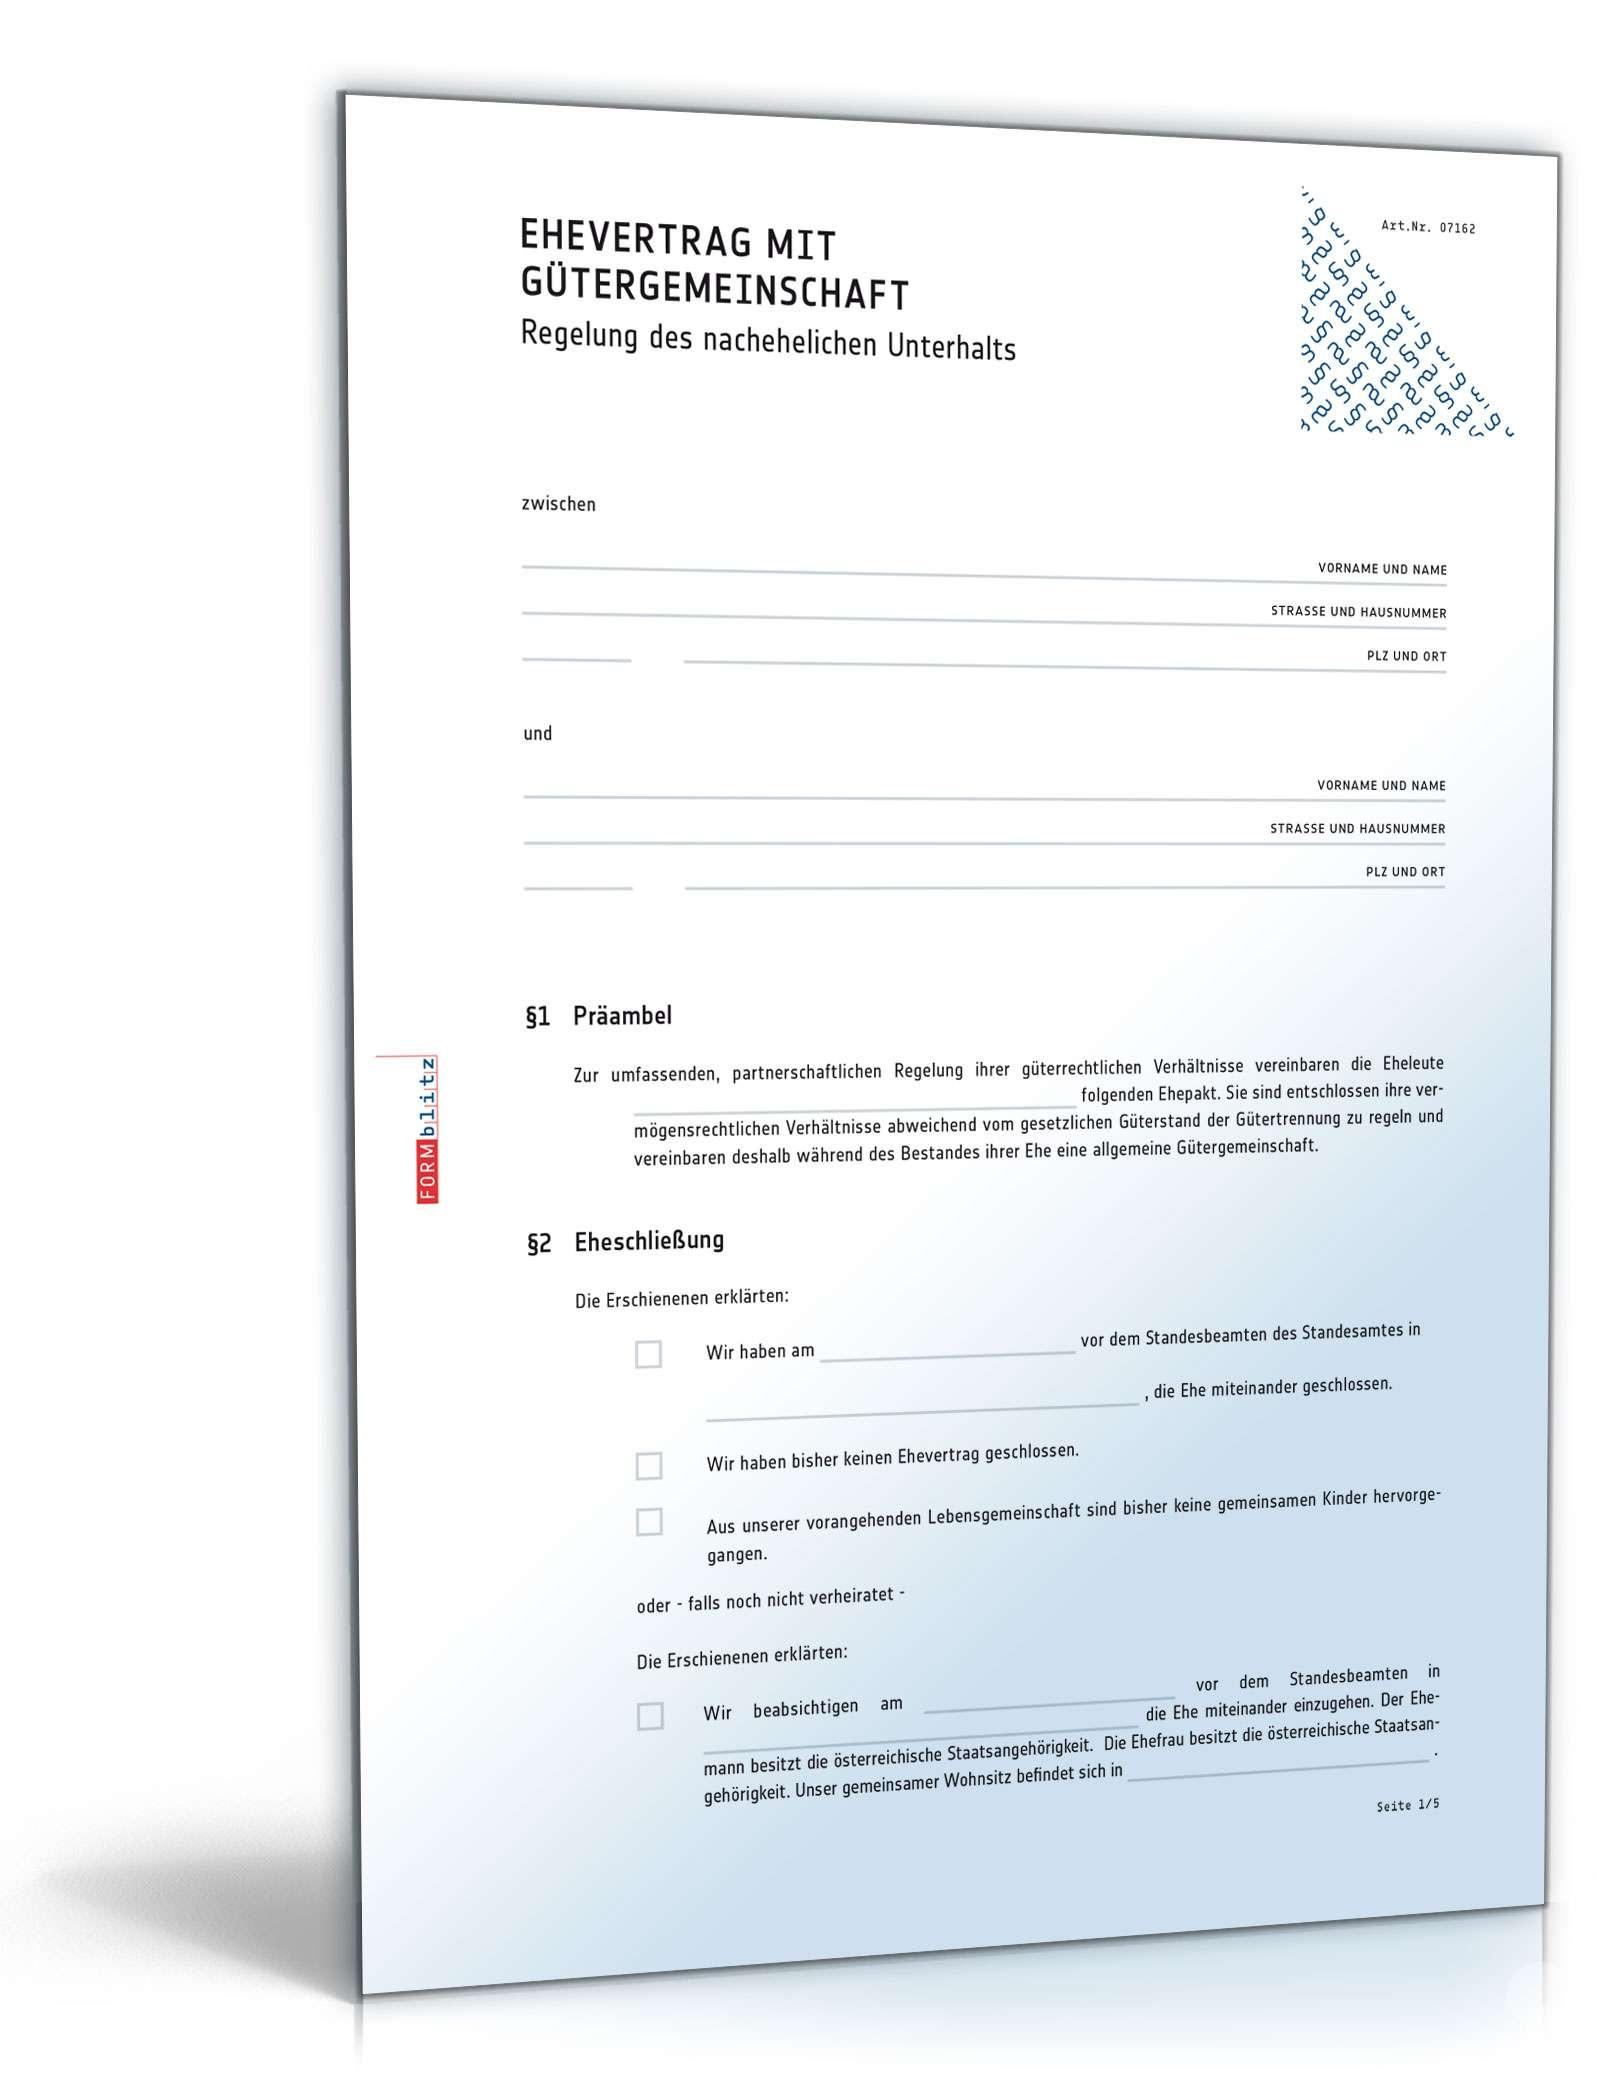 Ehevertrag Mit Gütergemeinschaft Muster Vorlage Zum Download